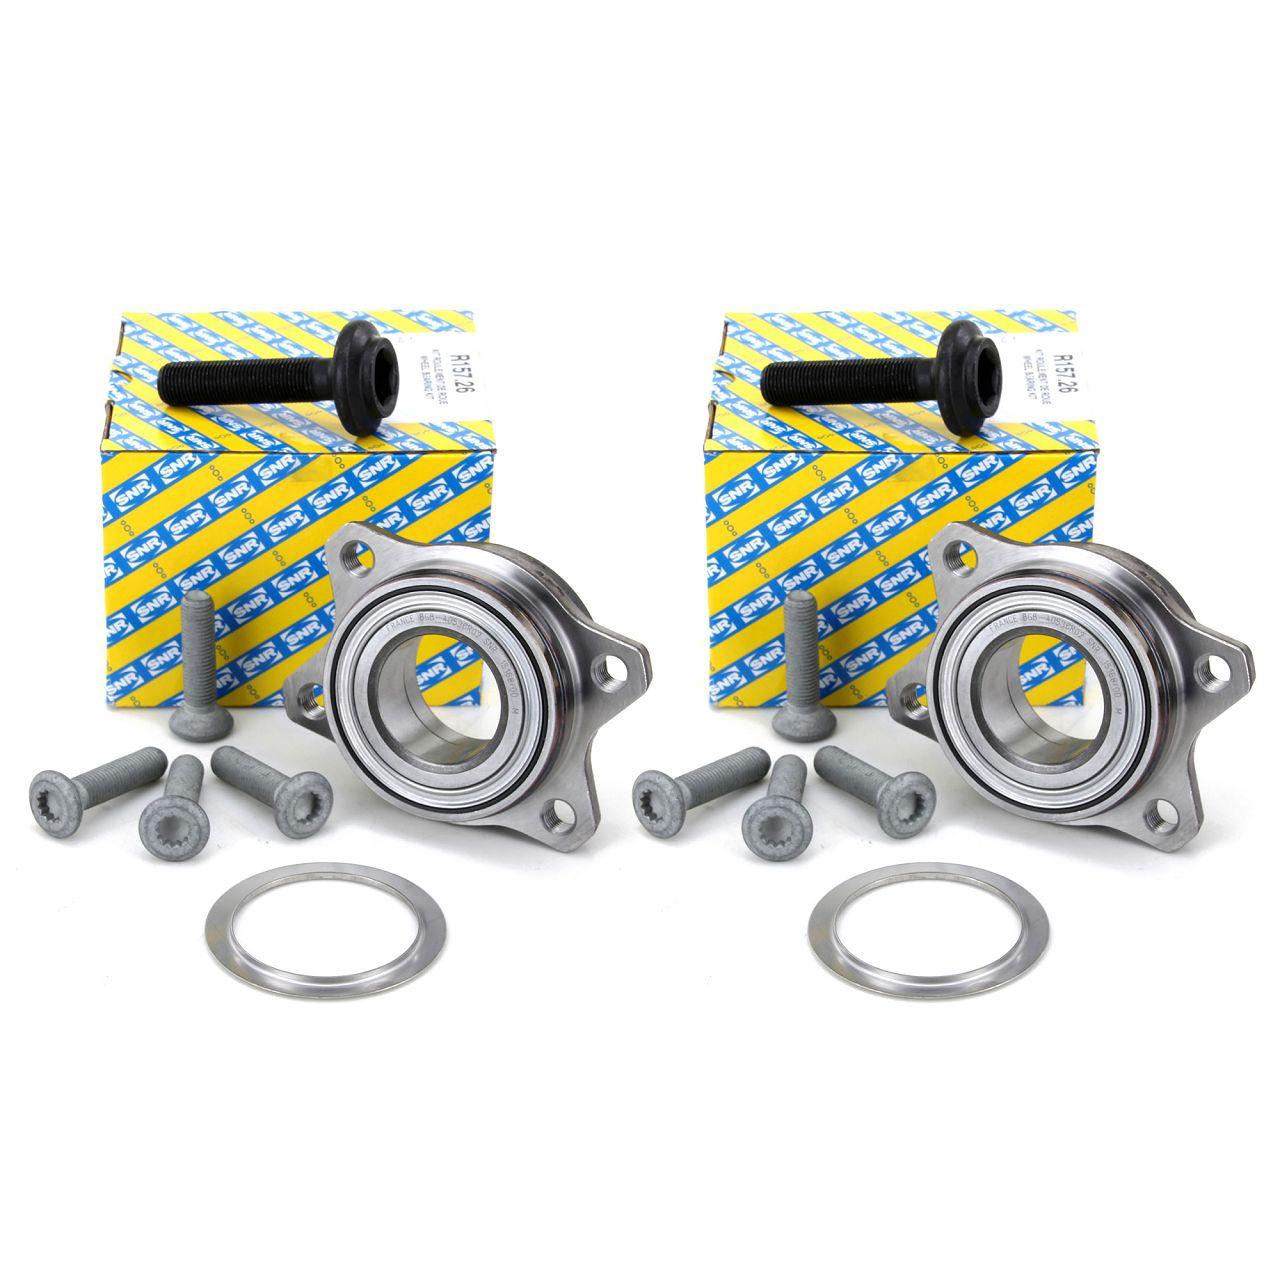 2x SNR Radnabe Radlager Rep.-Satz für AUDI A4 A6 A8 SEAT EXEO VW PASSAT vorne